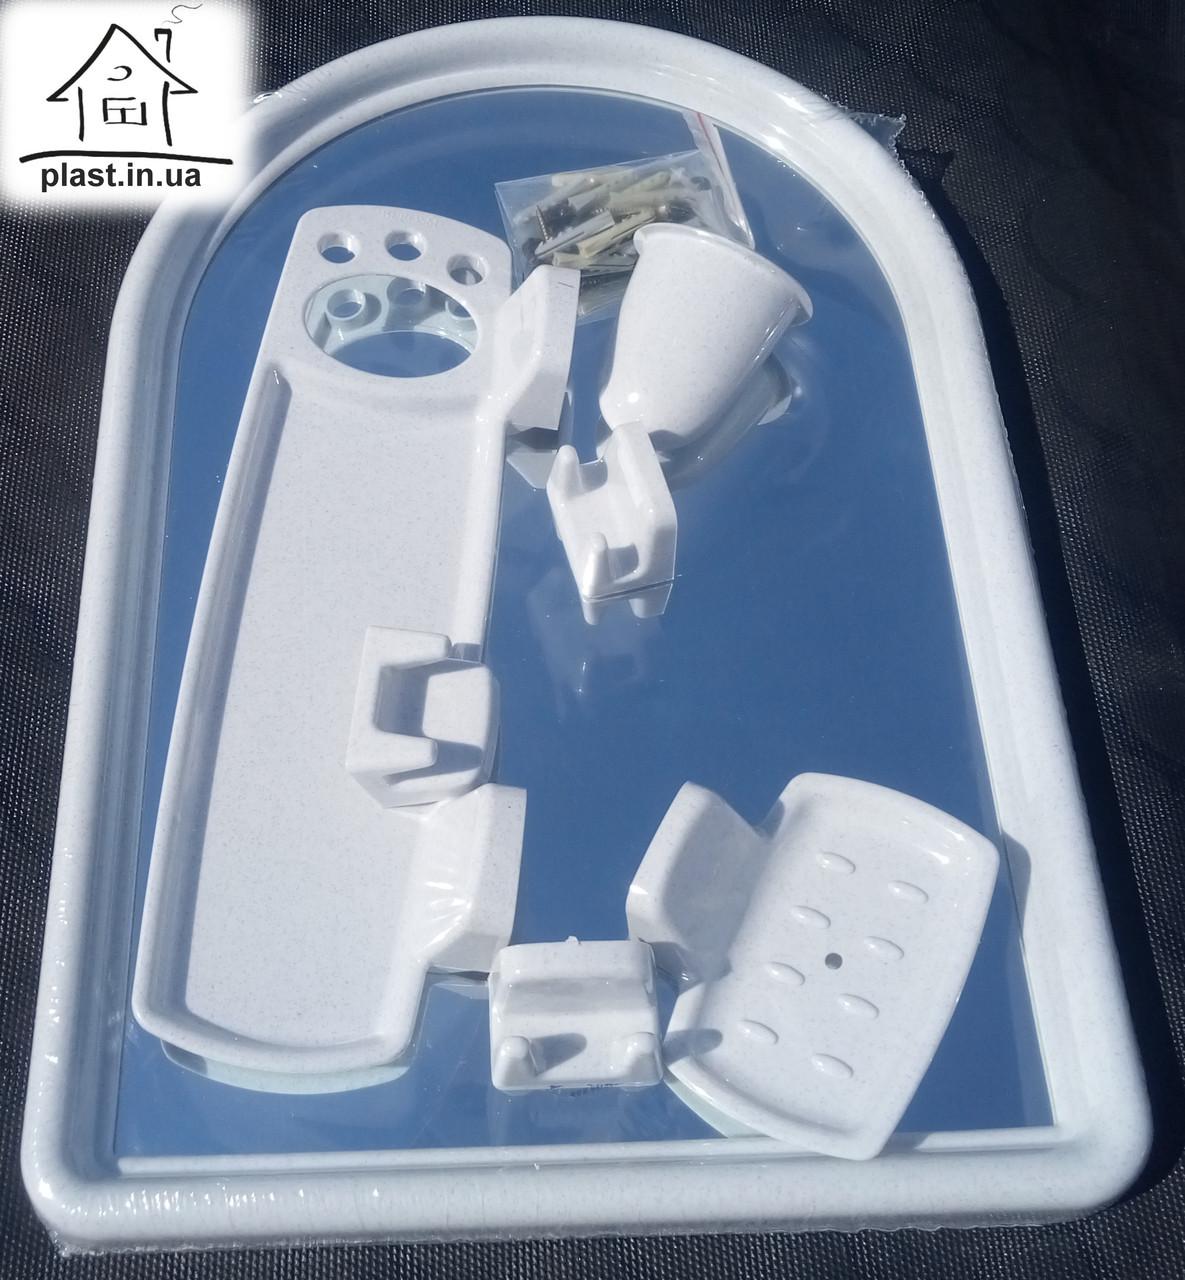 Набір для ванни з дзеркалом Berossi (7 предметів) білий мармур